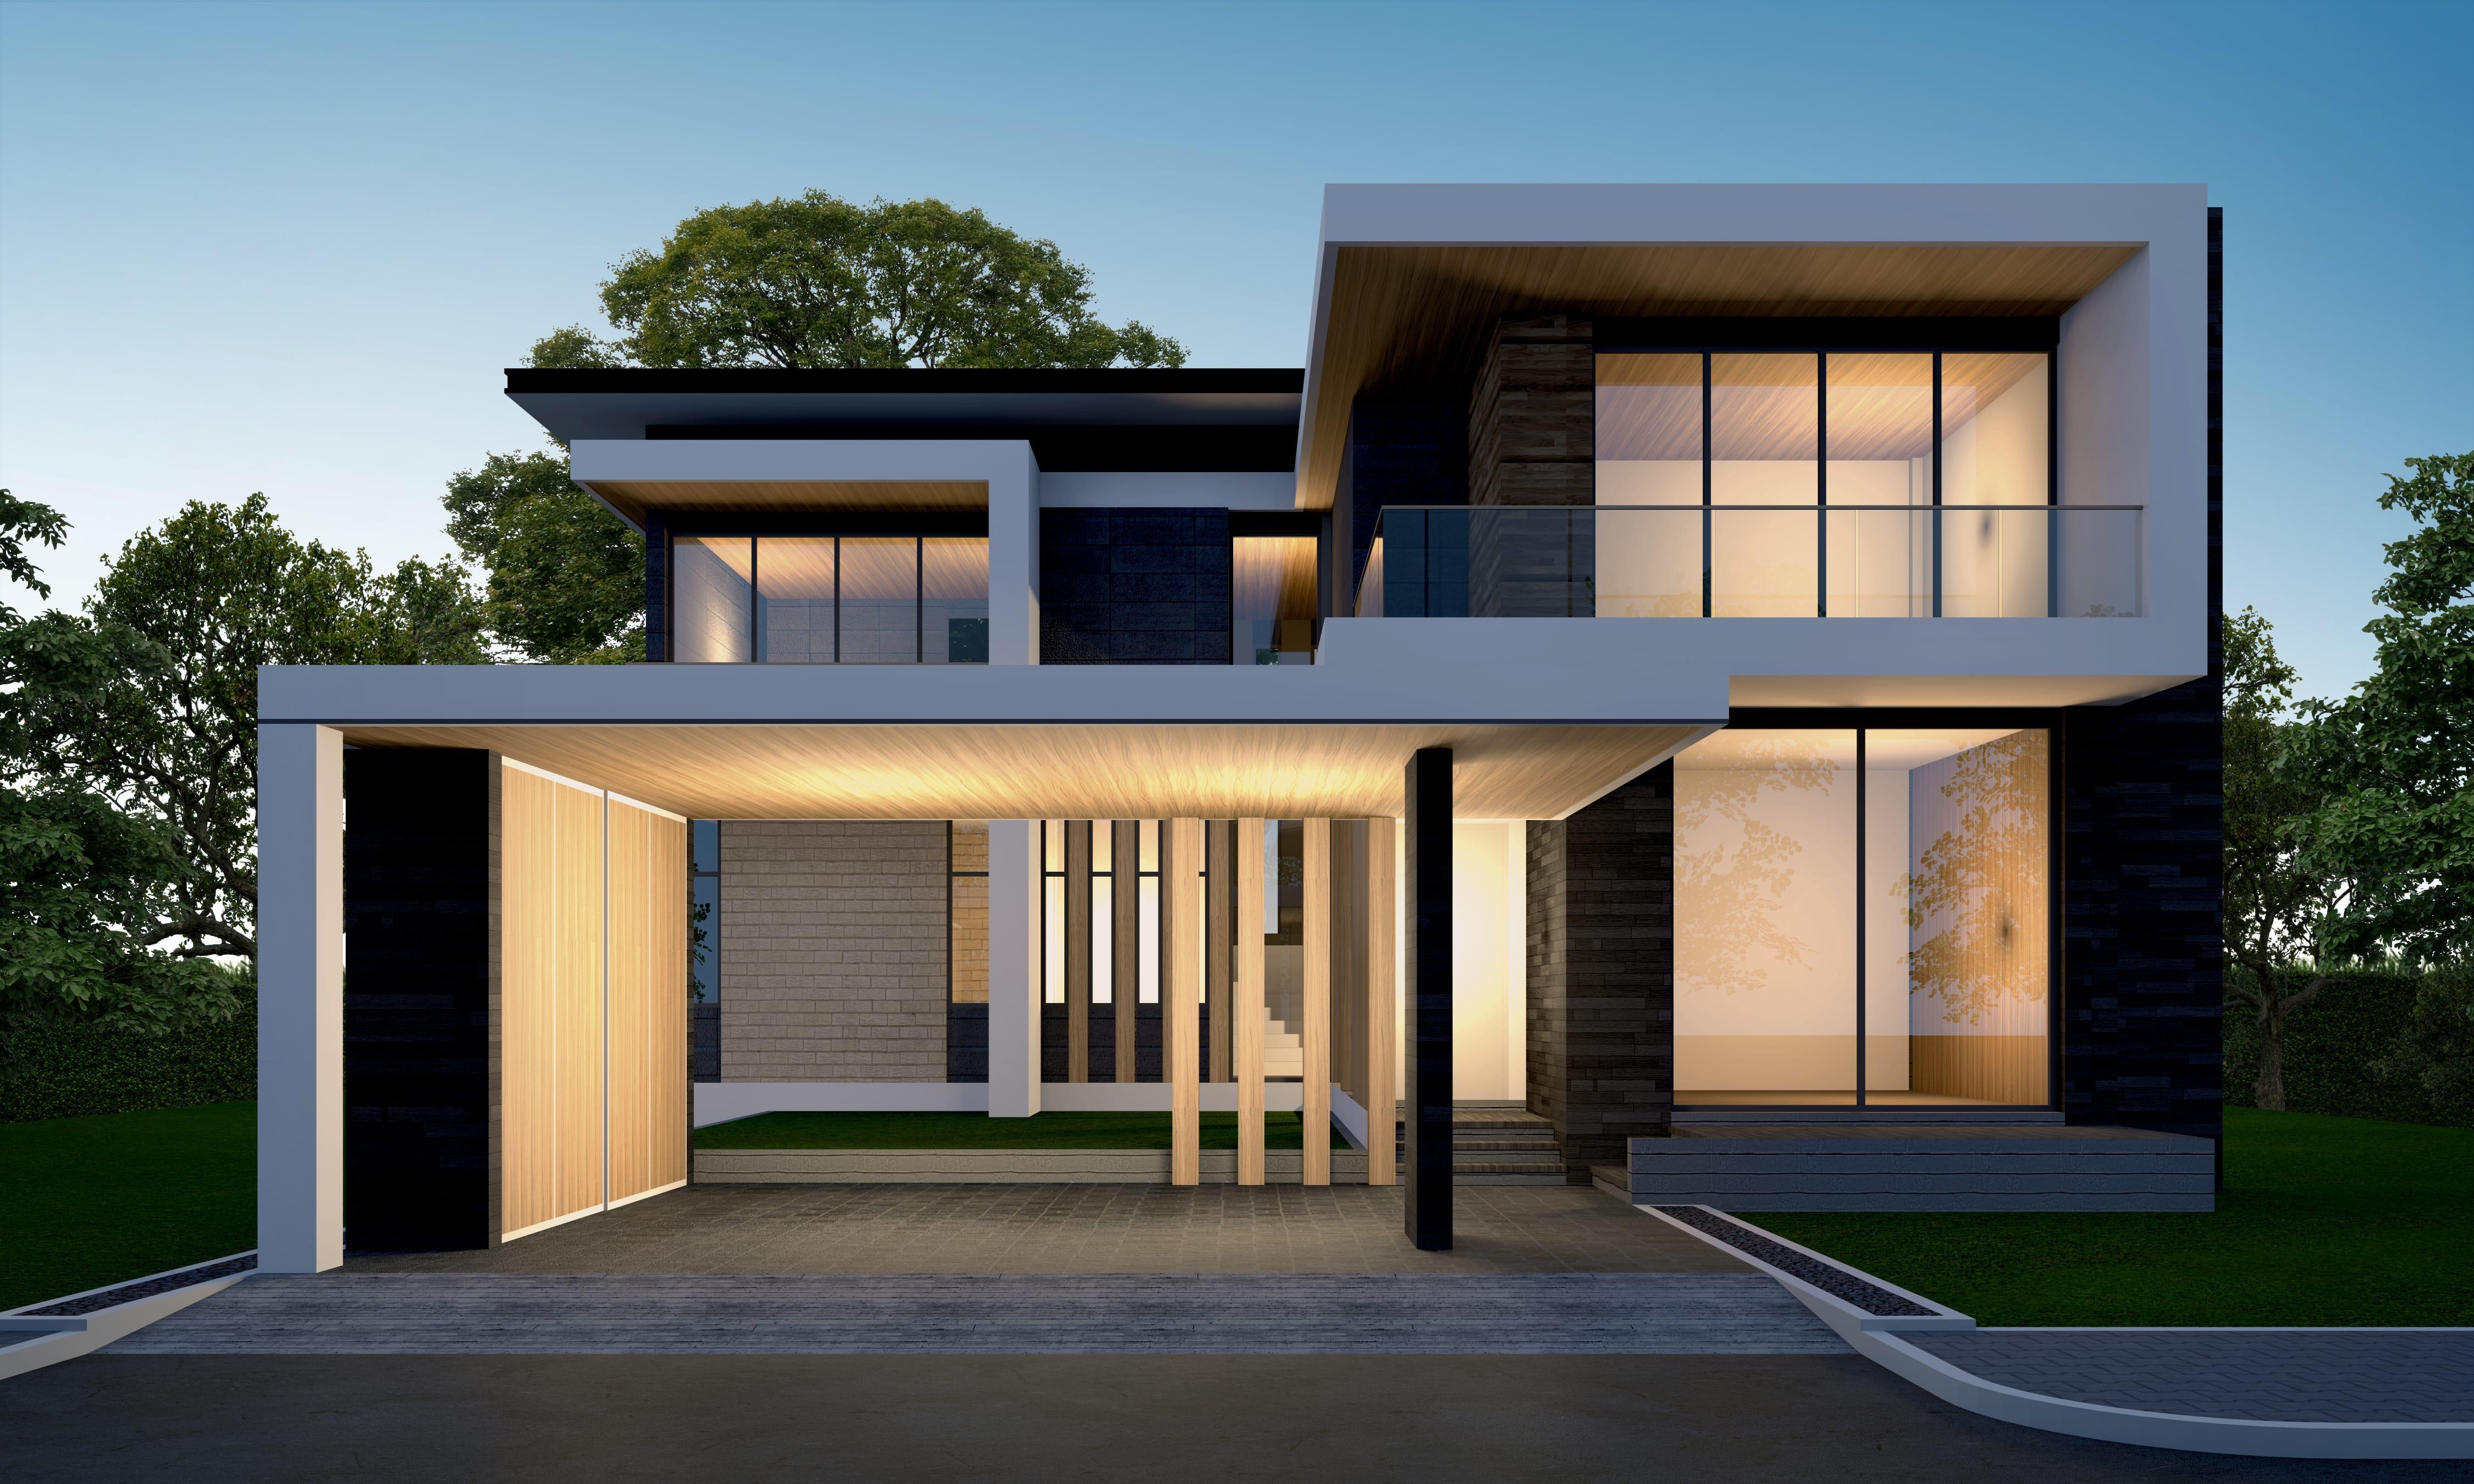 maison vivre plus afficher luimage duorigine with maison vivre plus la maison dispose duoutils. Black Bedroom Furniture Sets. Home Design Ideas